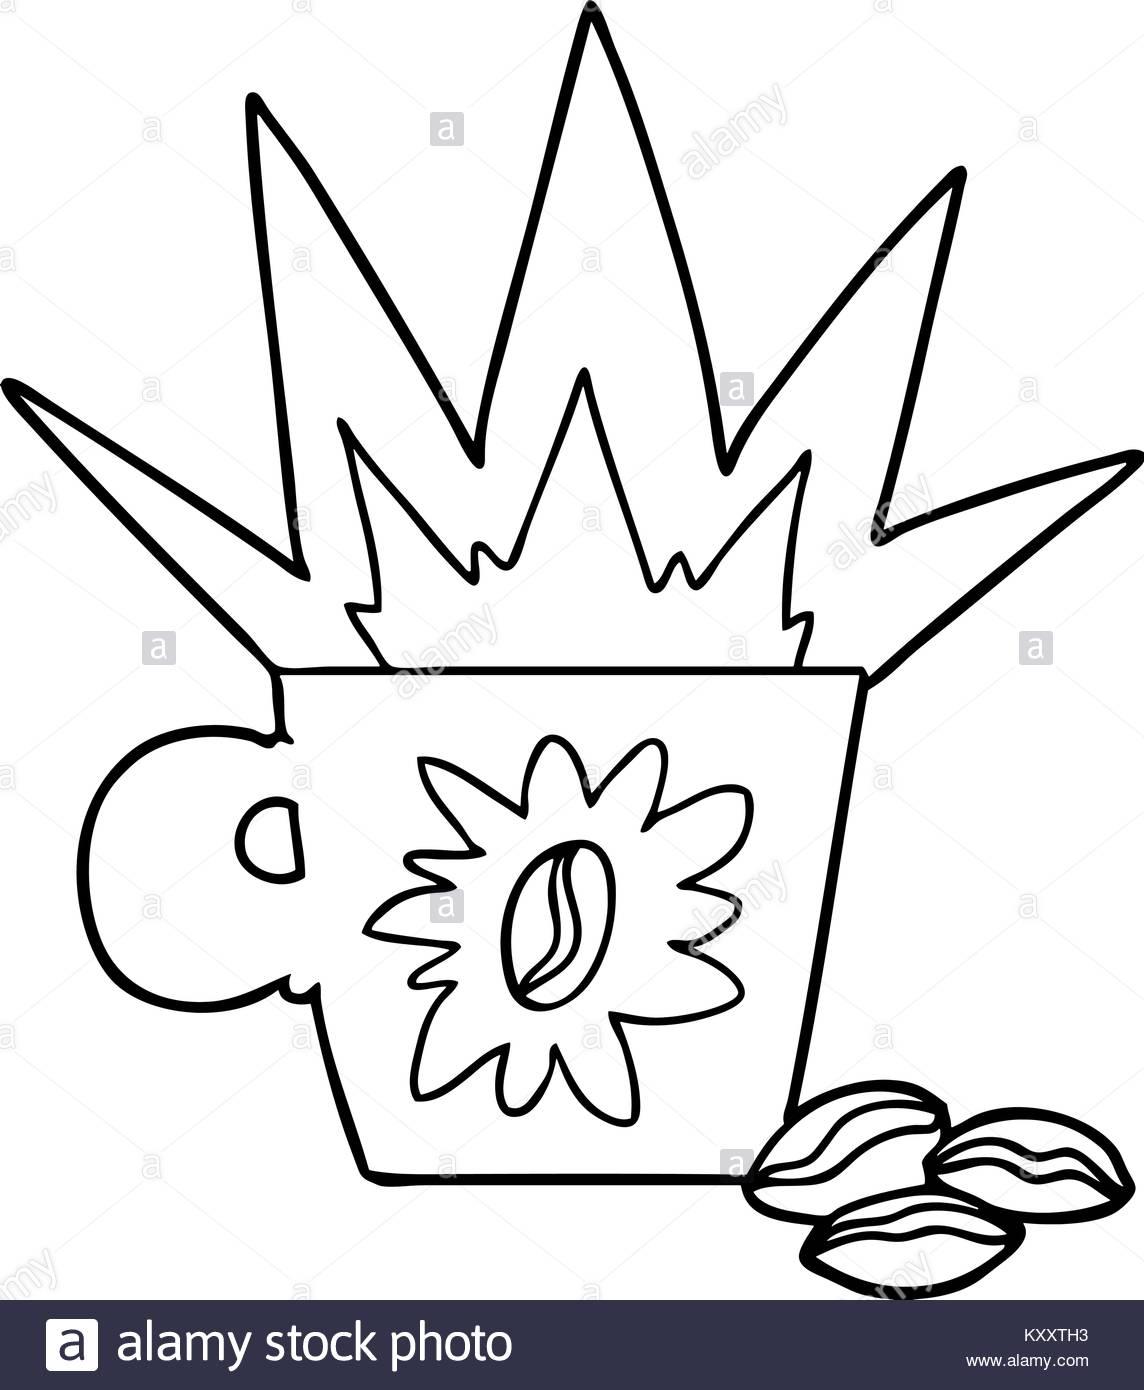 1144x1390 Freehand Drawn Cartoon Espresso Stock Photos Amp Freehand Drawn